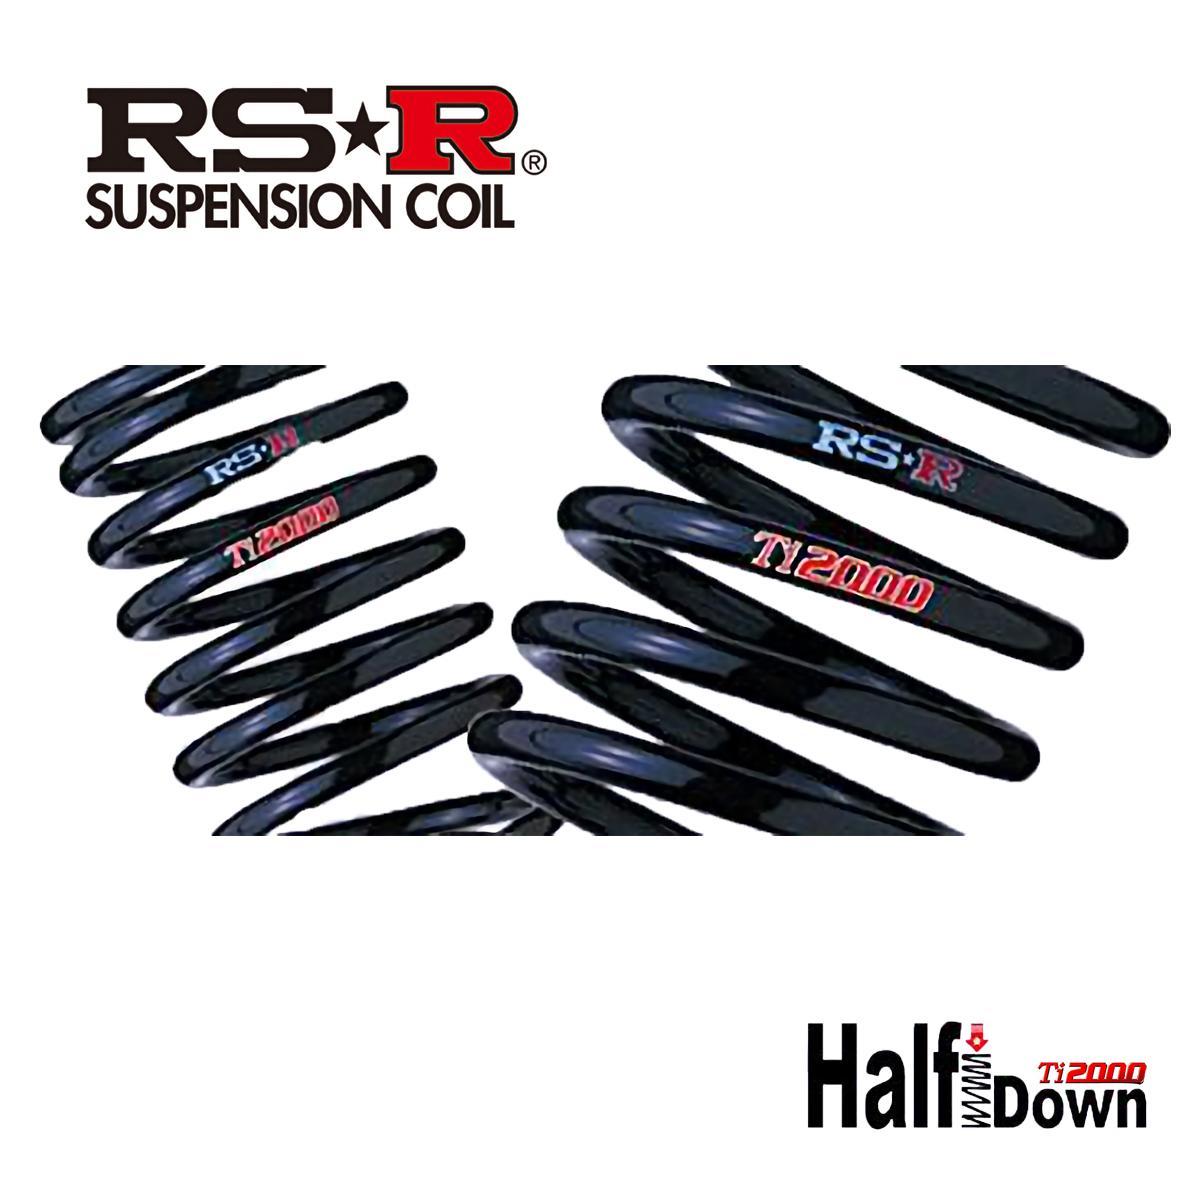 RS-R CX-8 XD Lパッケージ KG2P ダウンサス スプリング リア M301THDR Ti2000 ハーフダウン RSR 個人宅発送追金有